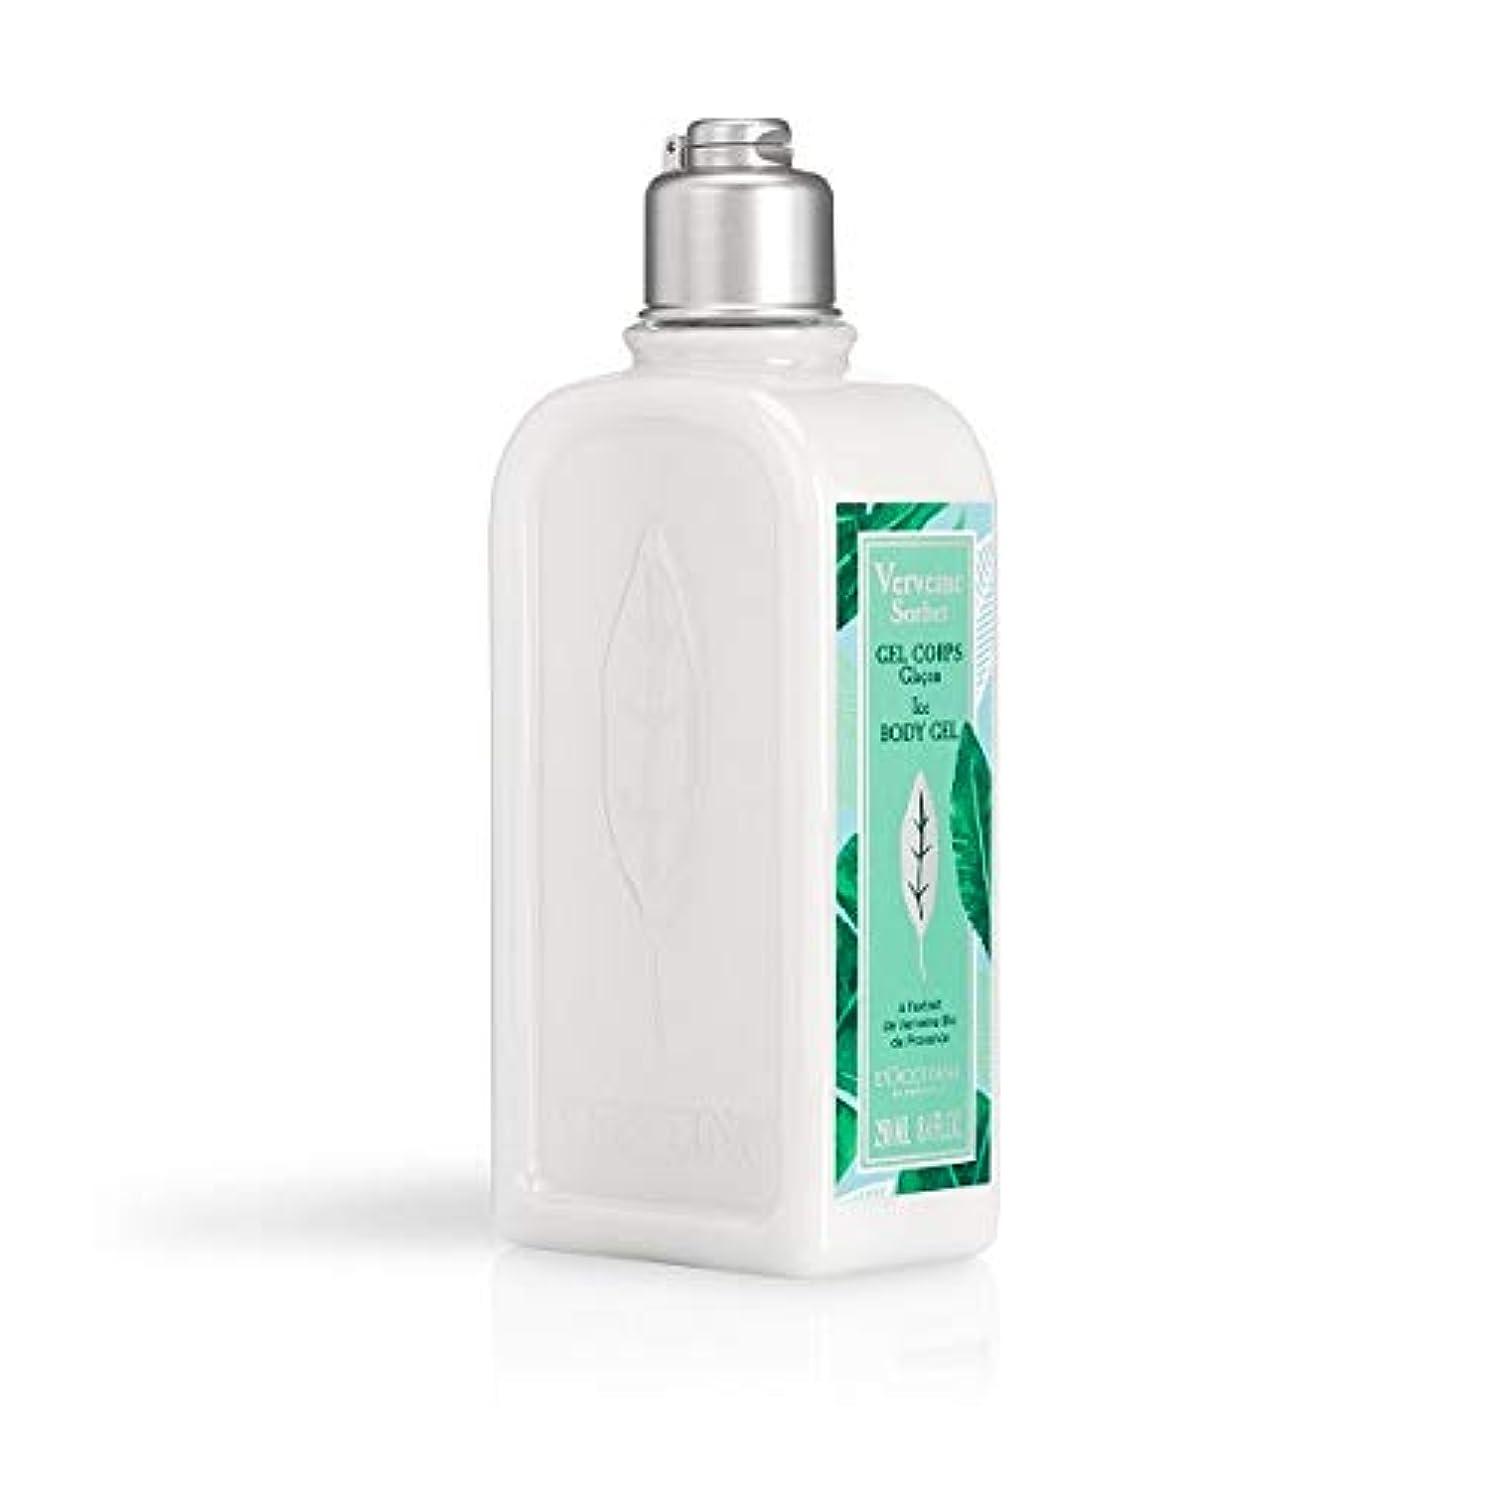 評議会増加するカリングロクシタン(L'OCCITANE) ミントウ゛ァーベナ ソルベボディジェル 250ml(ボディ用乳液)